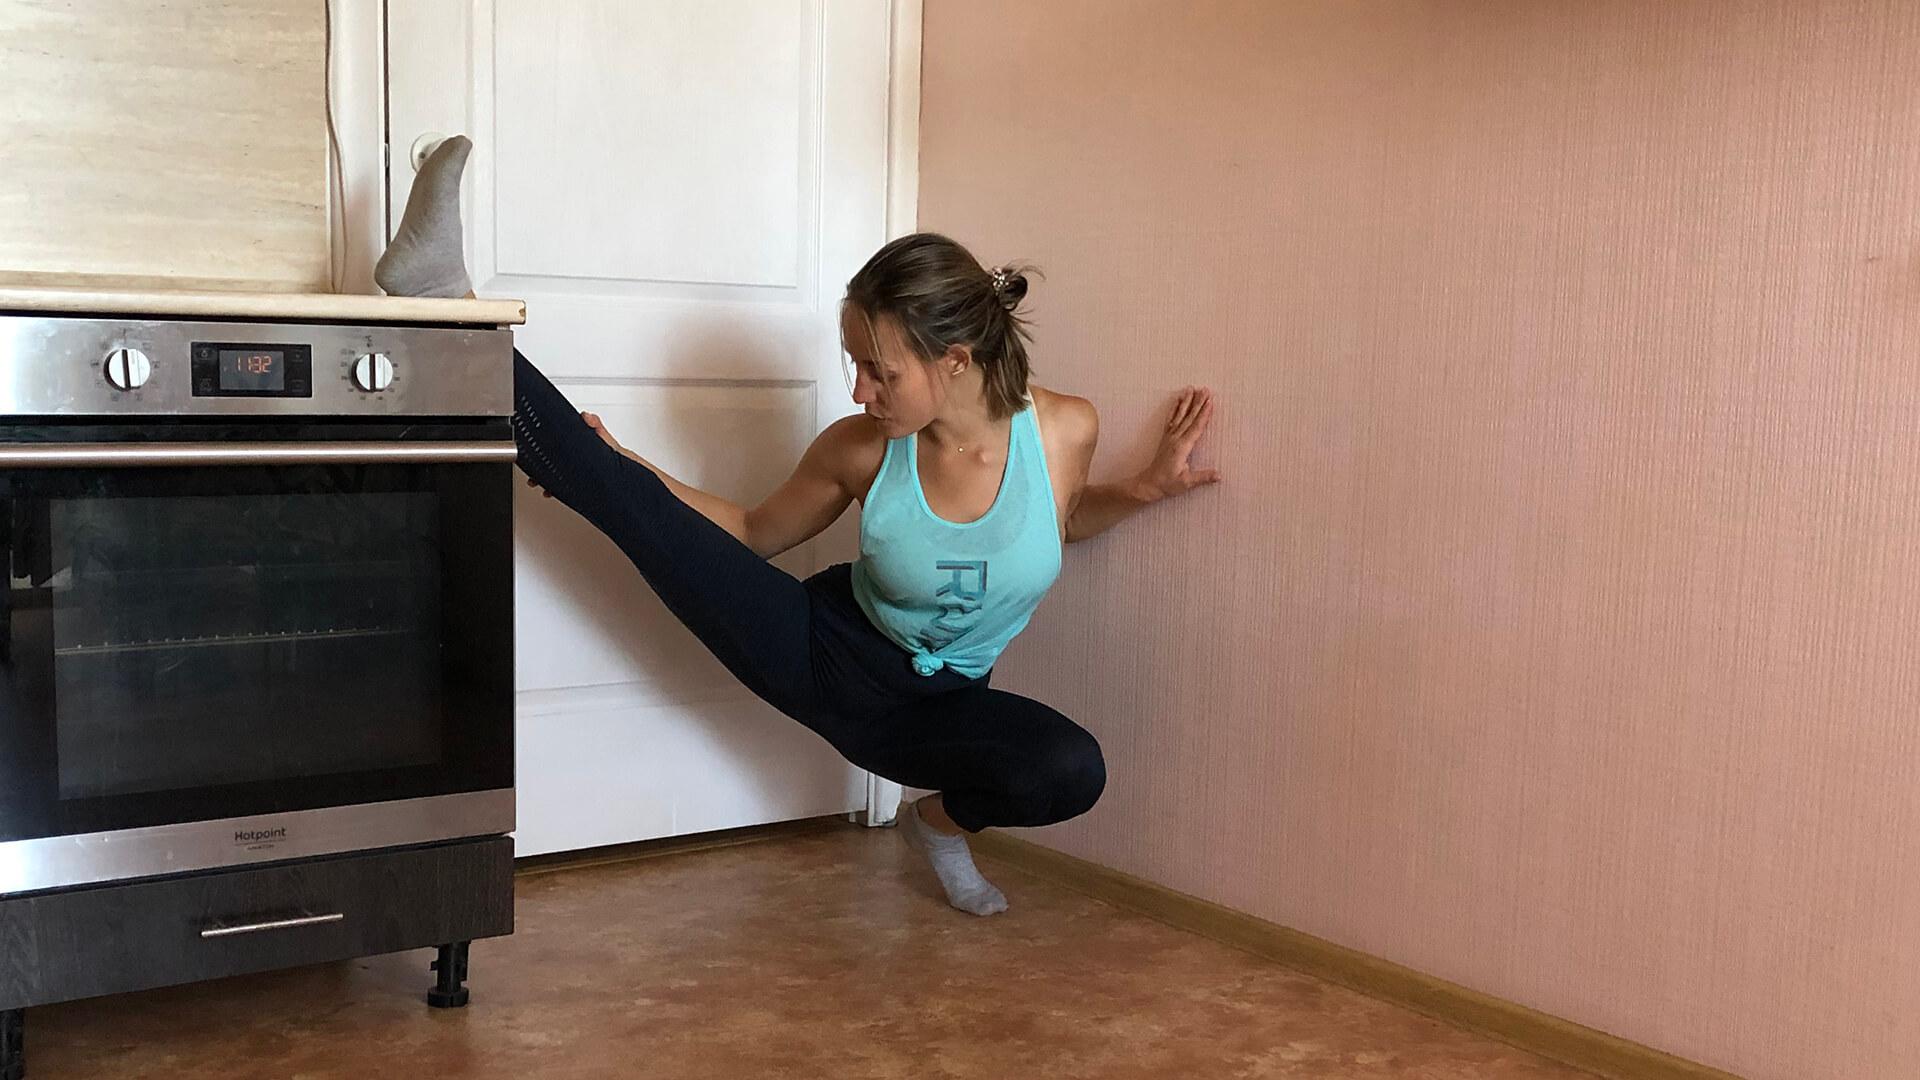 Подготовительное упражнения для поперечного шпагата стоя: фото.